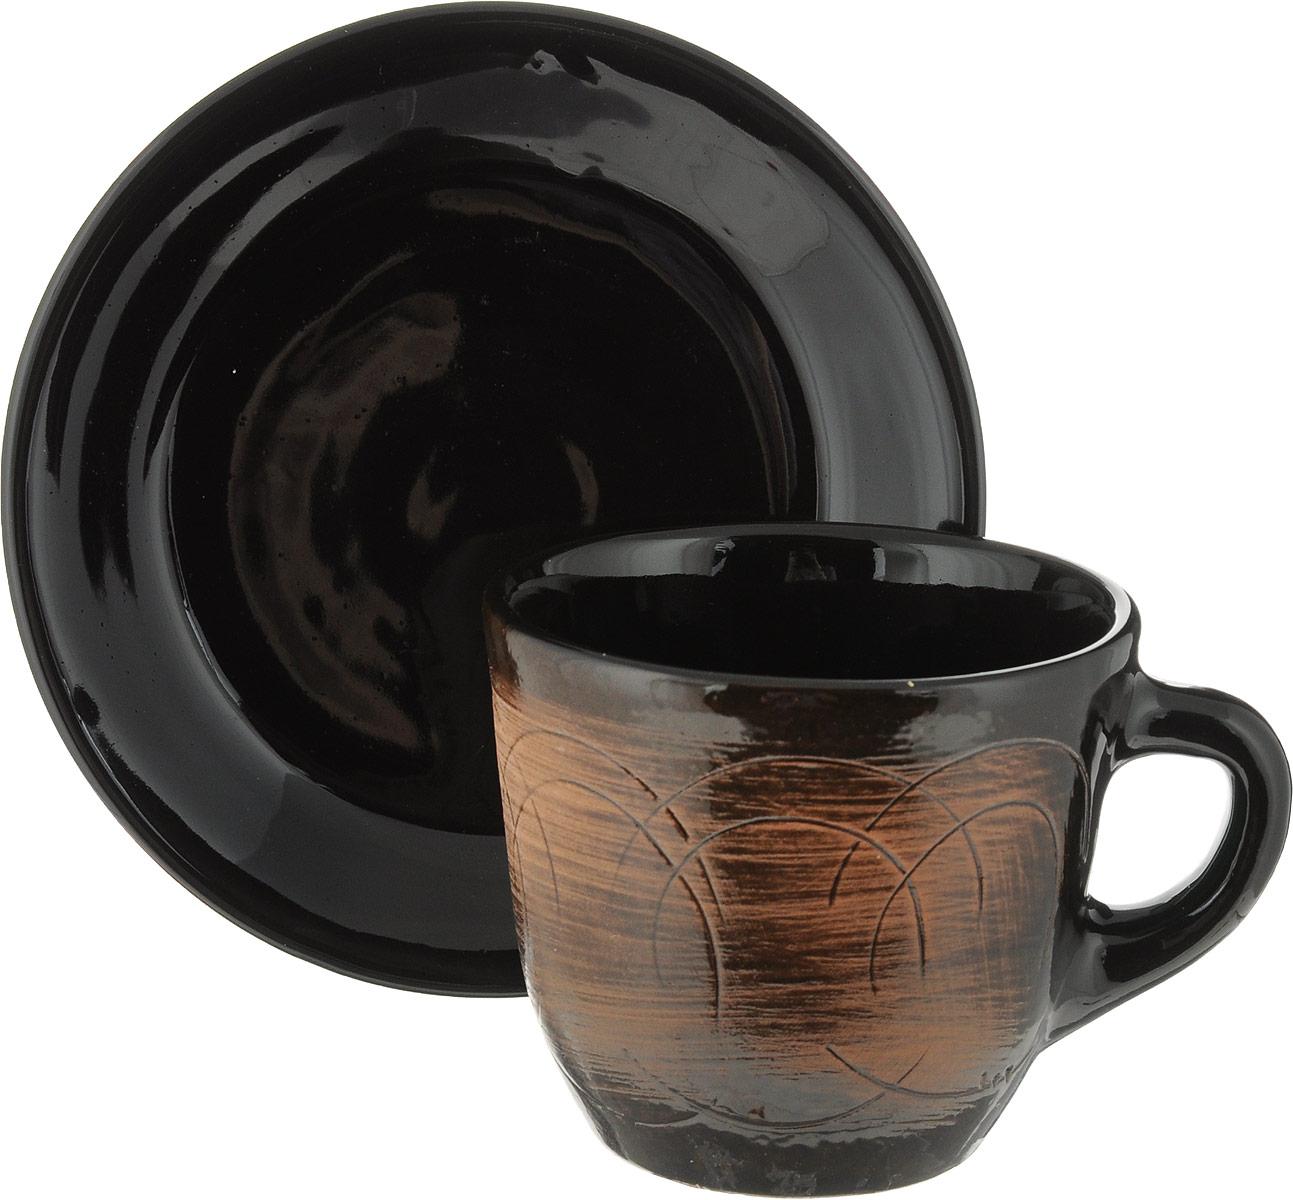 Чайная пара Борисовская керамика Старина, 2 предметаСТР00000639_коричневыйЧайная пара Борисовская керамика Старина состоит из чашки и блюдца, изготовленных из высококачественной керамики. Такой набор украсит ваш кухонный стол, а также станет замечательным подарком к любому празднику.Можно использовать в микроволновой печи и духовке. Диаметр чашки (по верхнему краю): 10 см. Высота чашки: 8,5 см. Объем чашки: 300 мл. Диаметр блюдца (по верхнему краю): 15,5 см. Высота блюдца: 2,5 см.